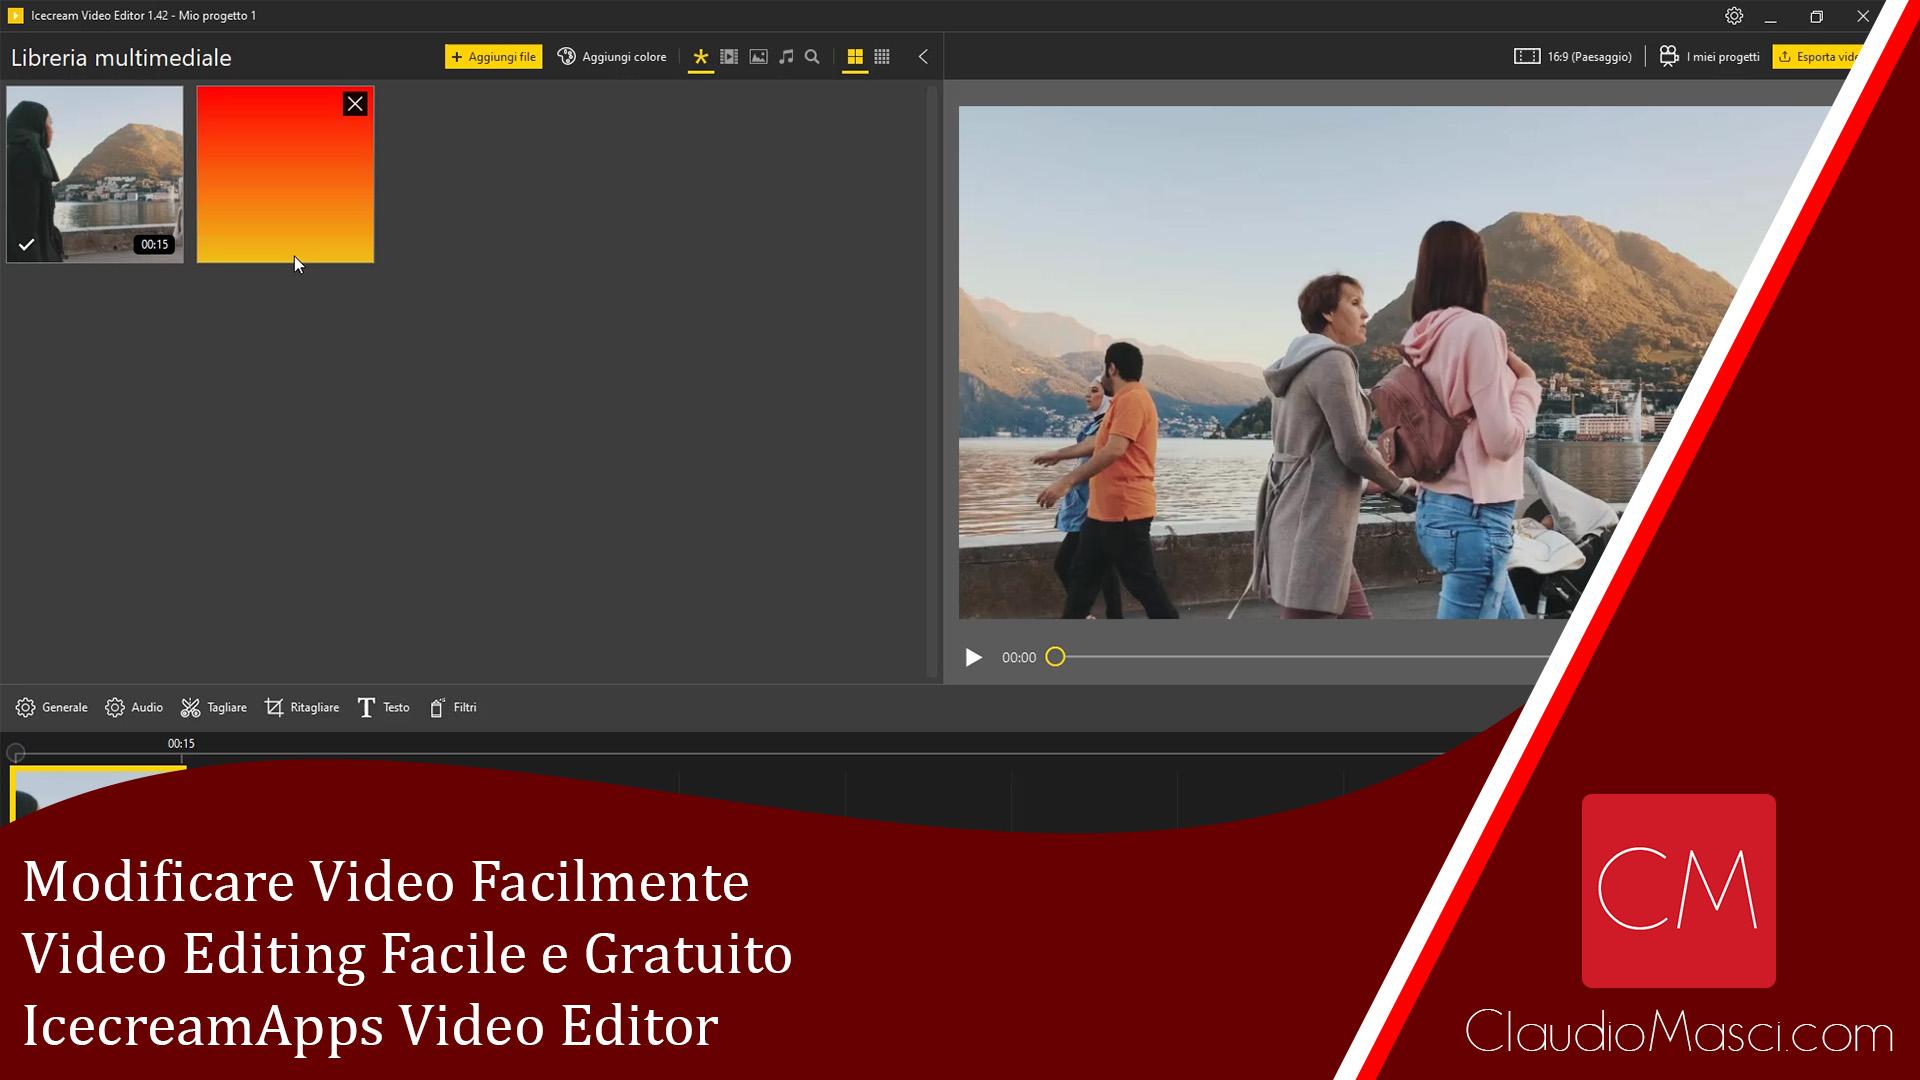 Modificare Video Facilmente – Video Editing Facile e Gratuito – IcecreamApps Video Editor